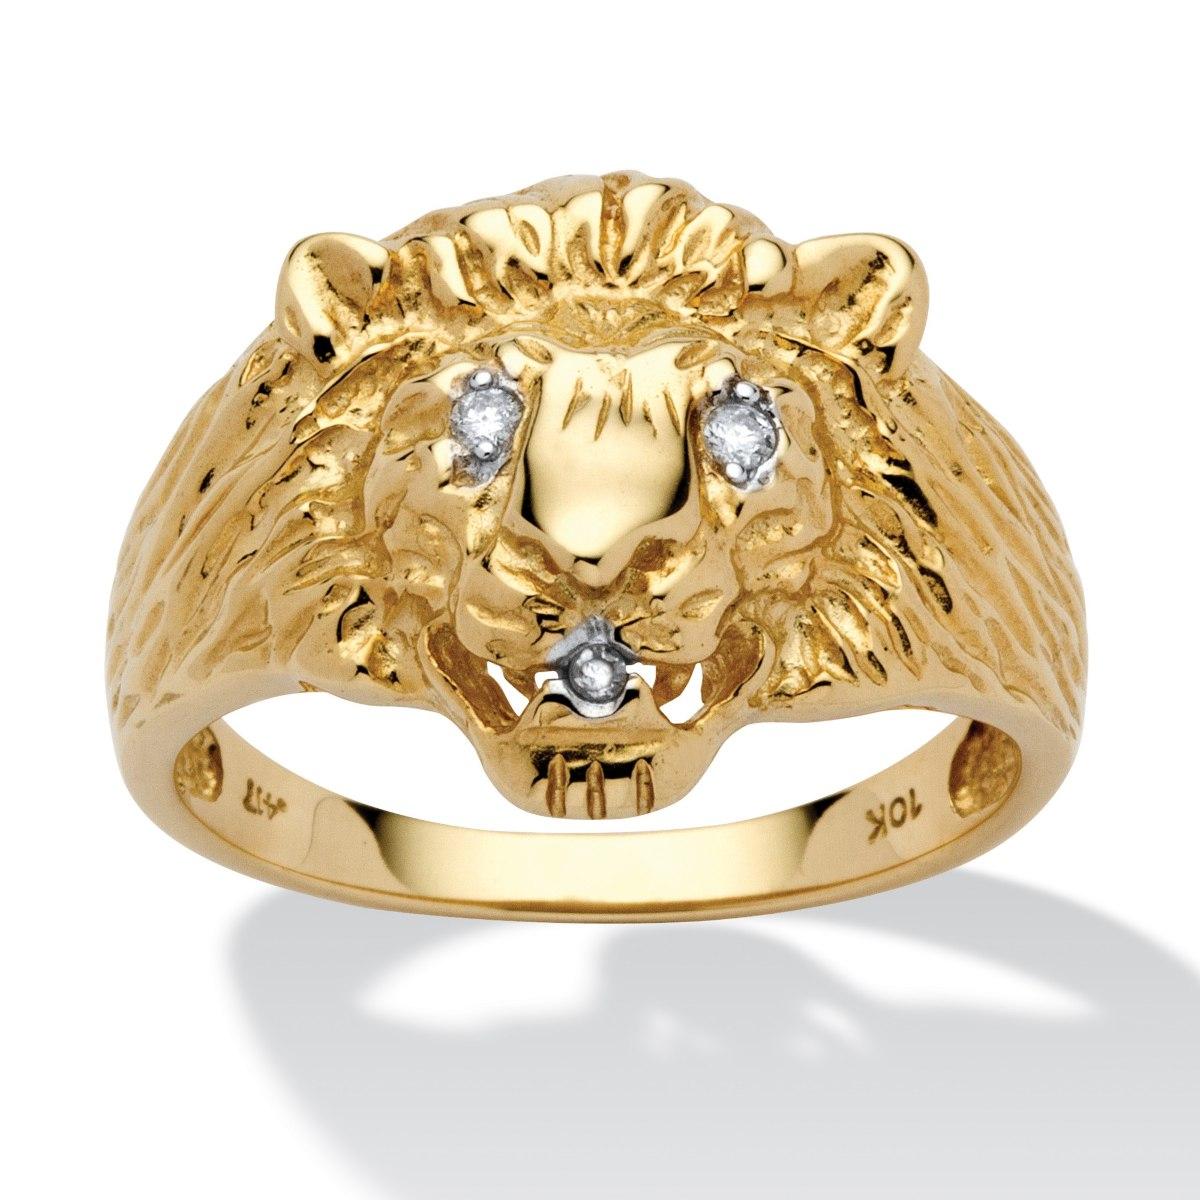 Anillo Cabeza Le 243 N Oro Amar 10k Acento Diamante Hombre T